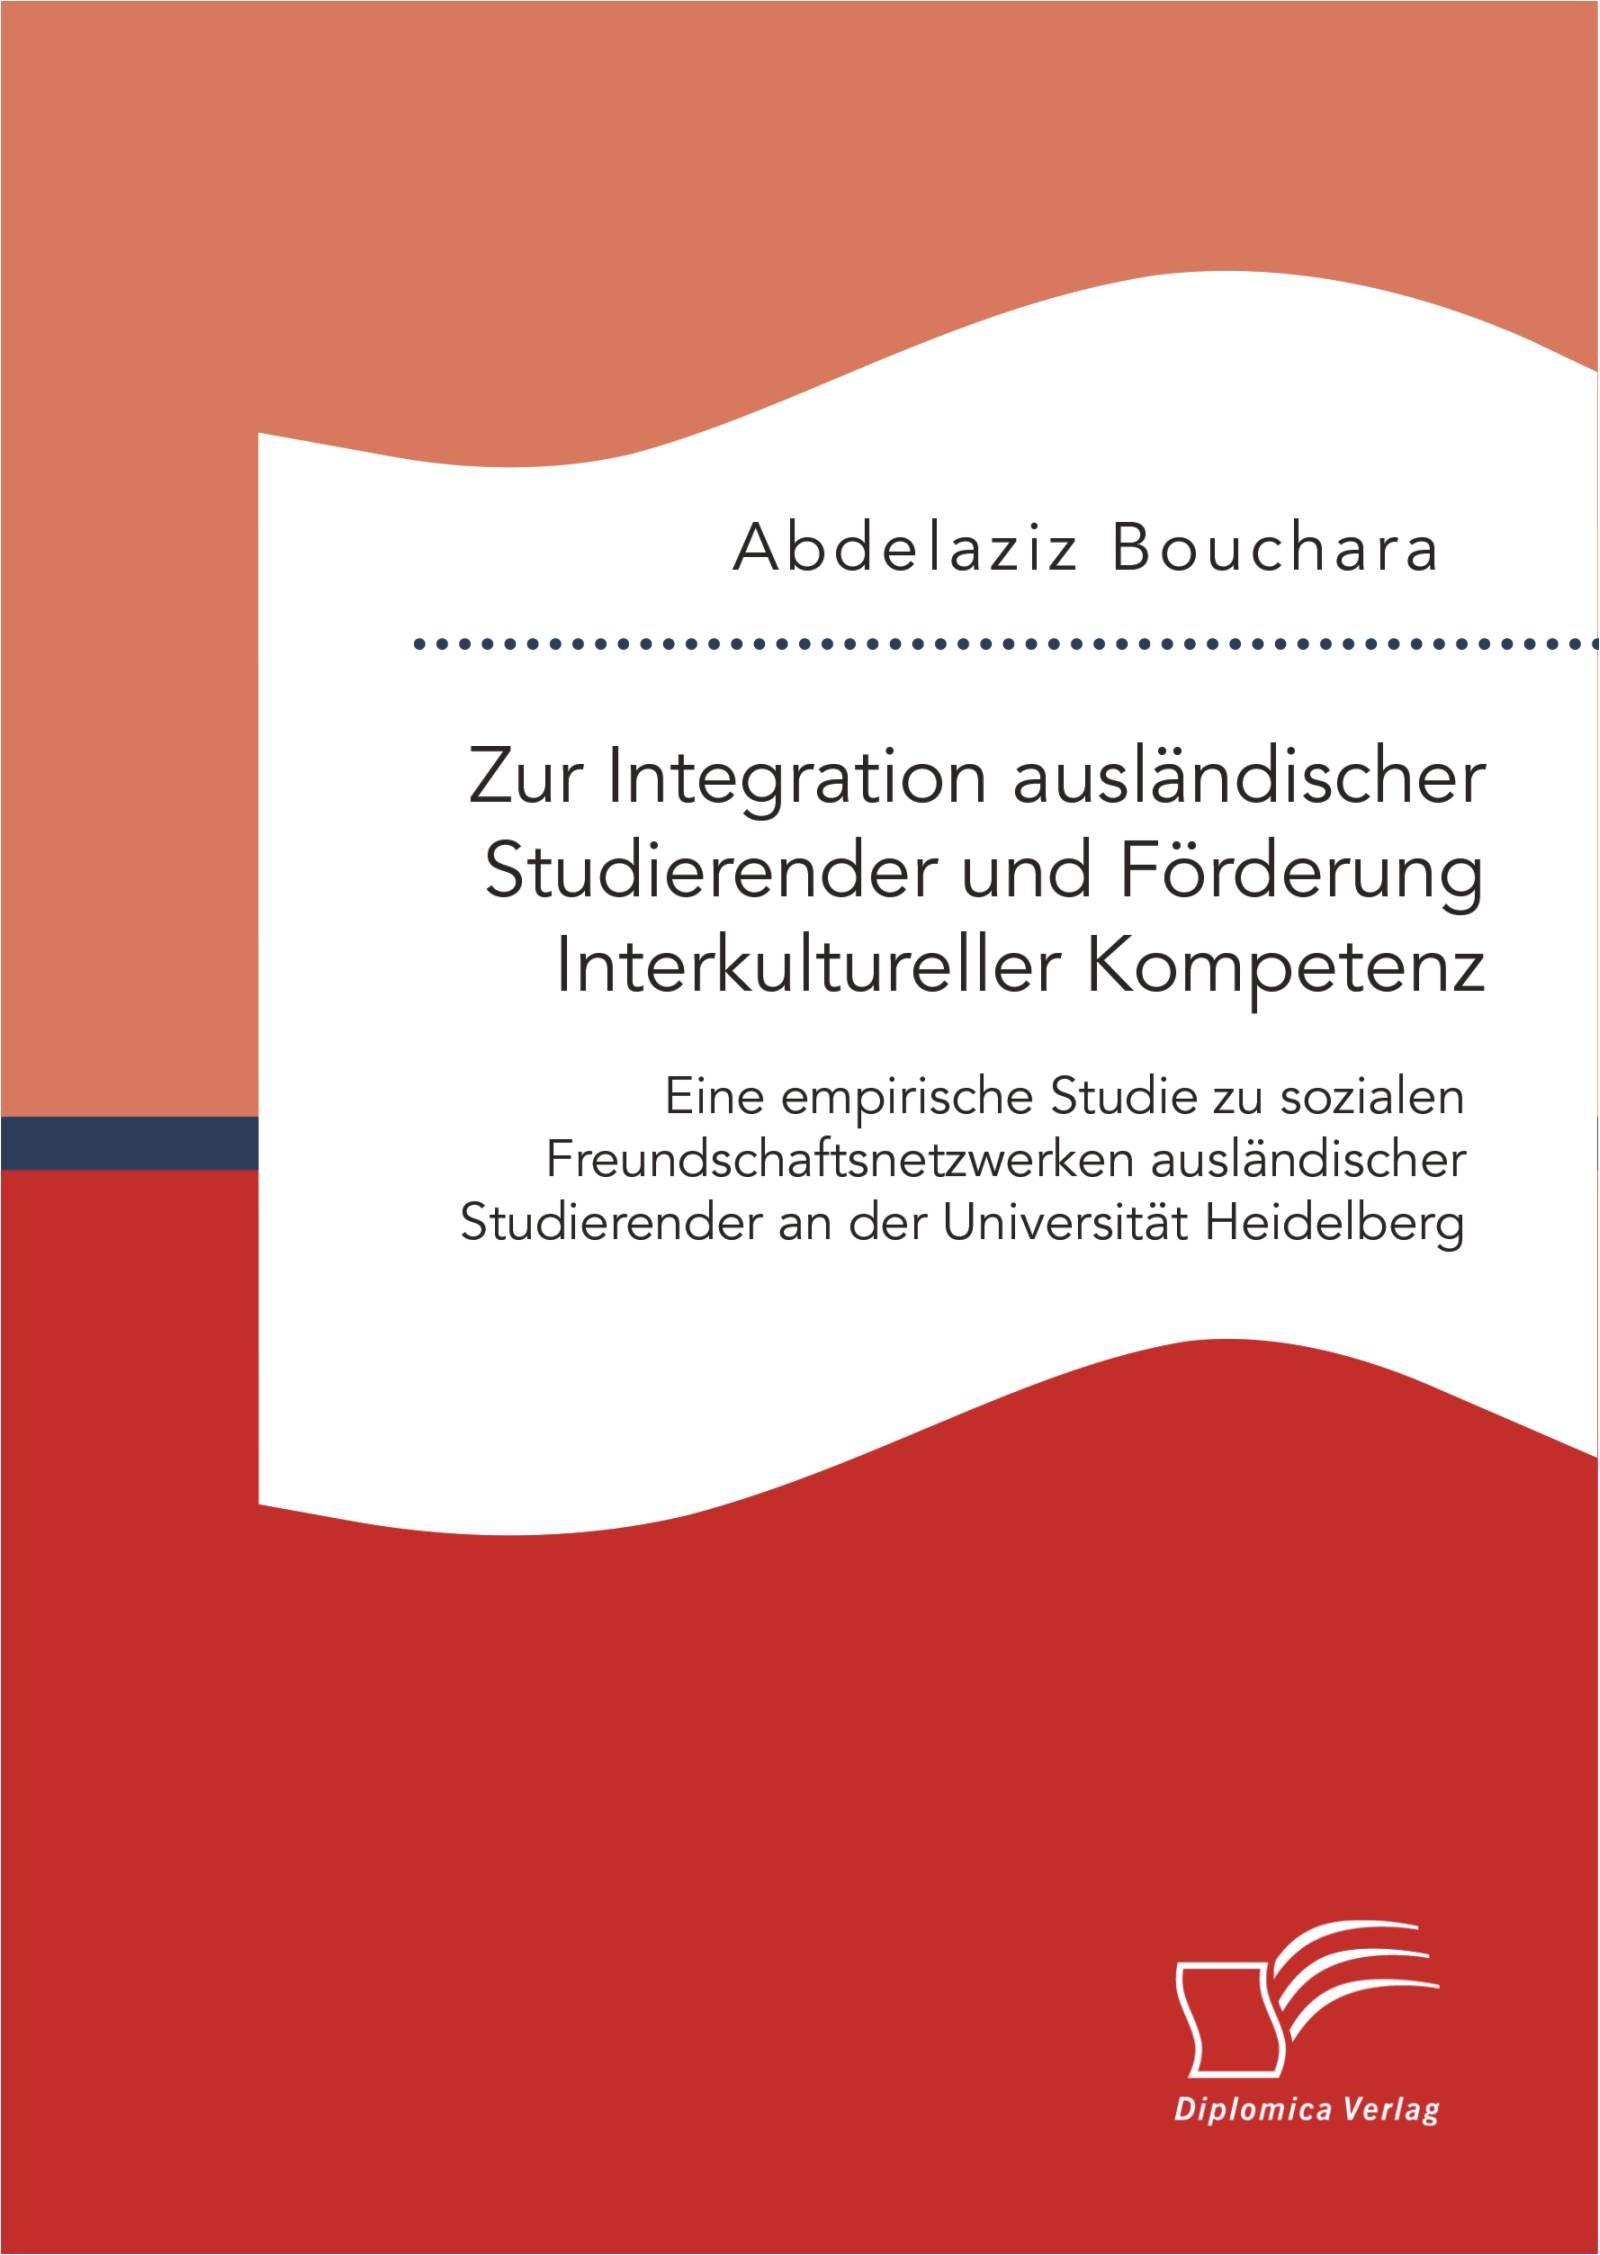 Zur Integration ausländischer Studierender und Förderung Interkultureller Kompetenz: Eine empirische Studie zu sozialen Freundschaftsnetzwerken ausländischer Studierender an der Universität Heidelberg | Bouchara, 2015 | Buch (Cover)